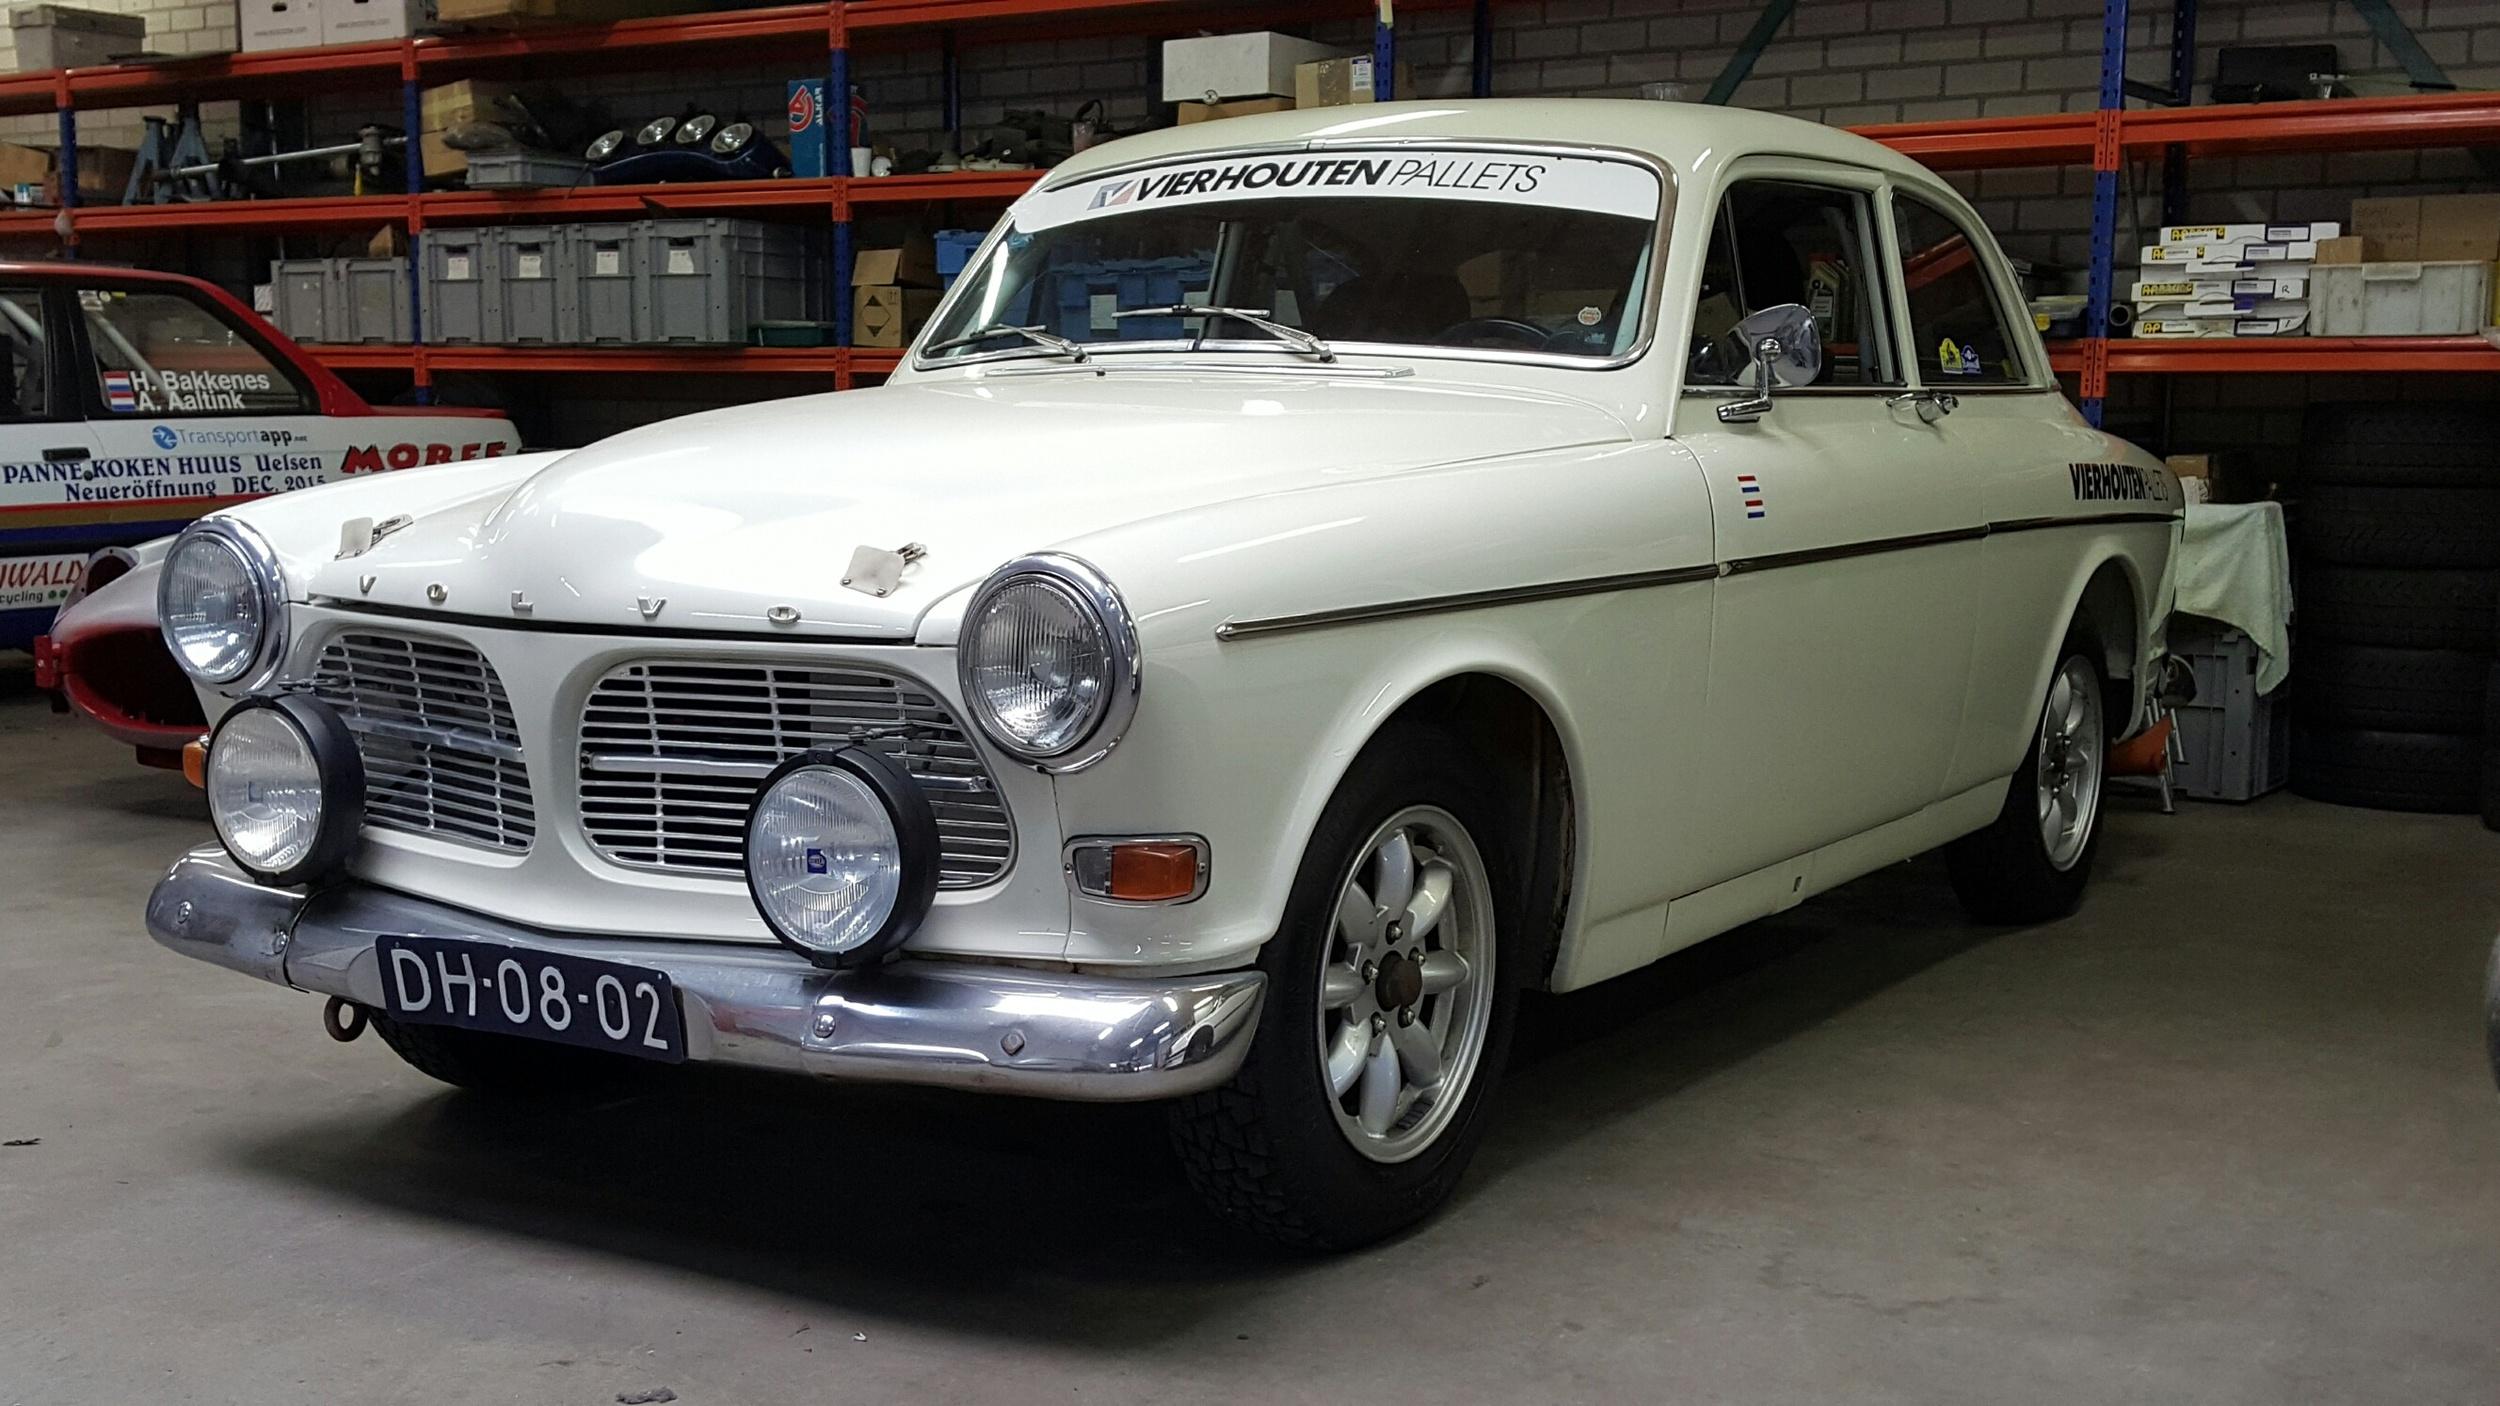 ….Volvo Amazone 122 S, year 1965. Restoration. Starting November 2015, ready June 2017 ..Volvo Amazone 122 S, bouwjaar 1965. Deel restauratie. Aanvang november 2015, gereed juni 2017….